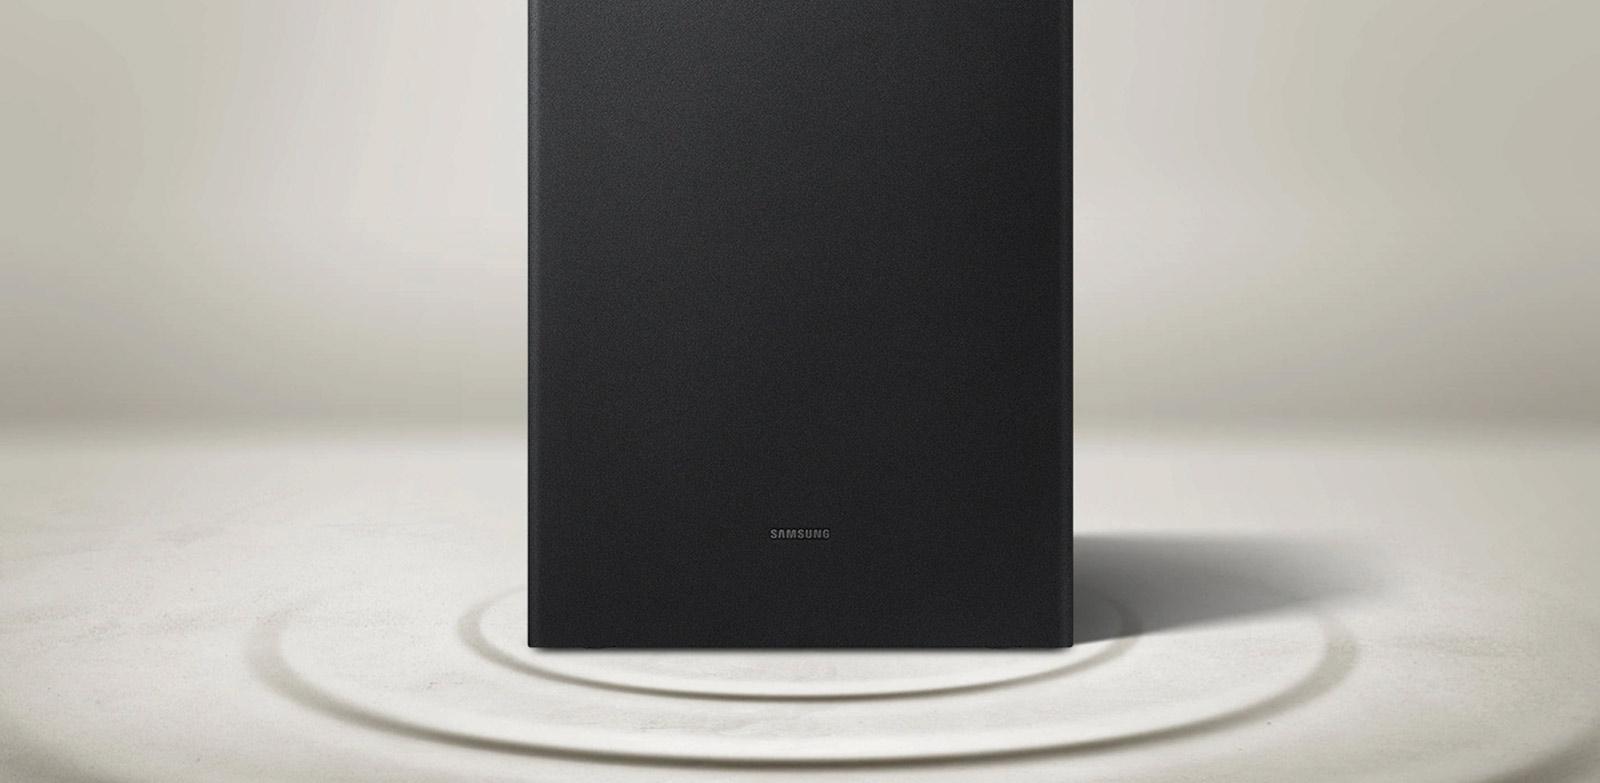 SAMSUNG - 2.1ch - Soundbar 2021 - HW-A450